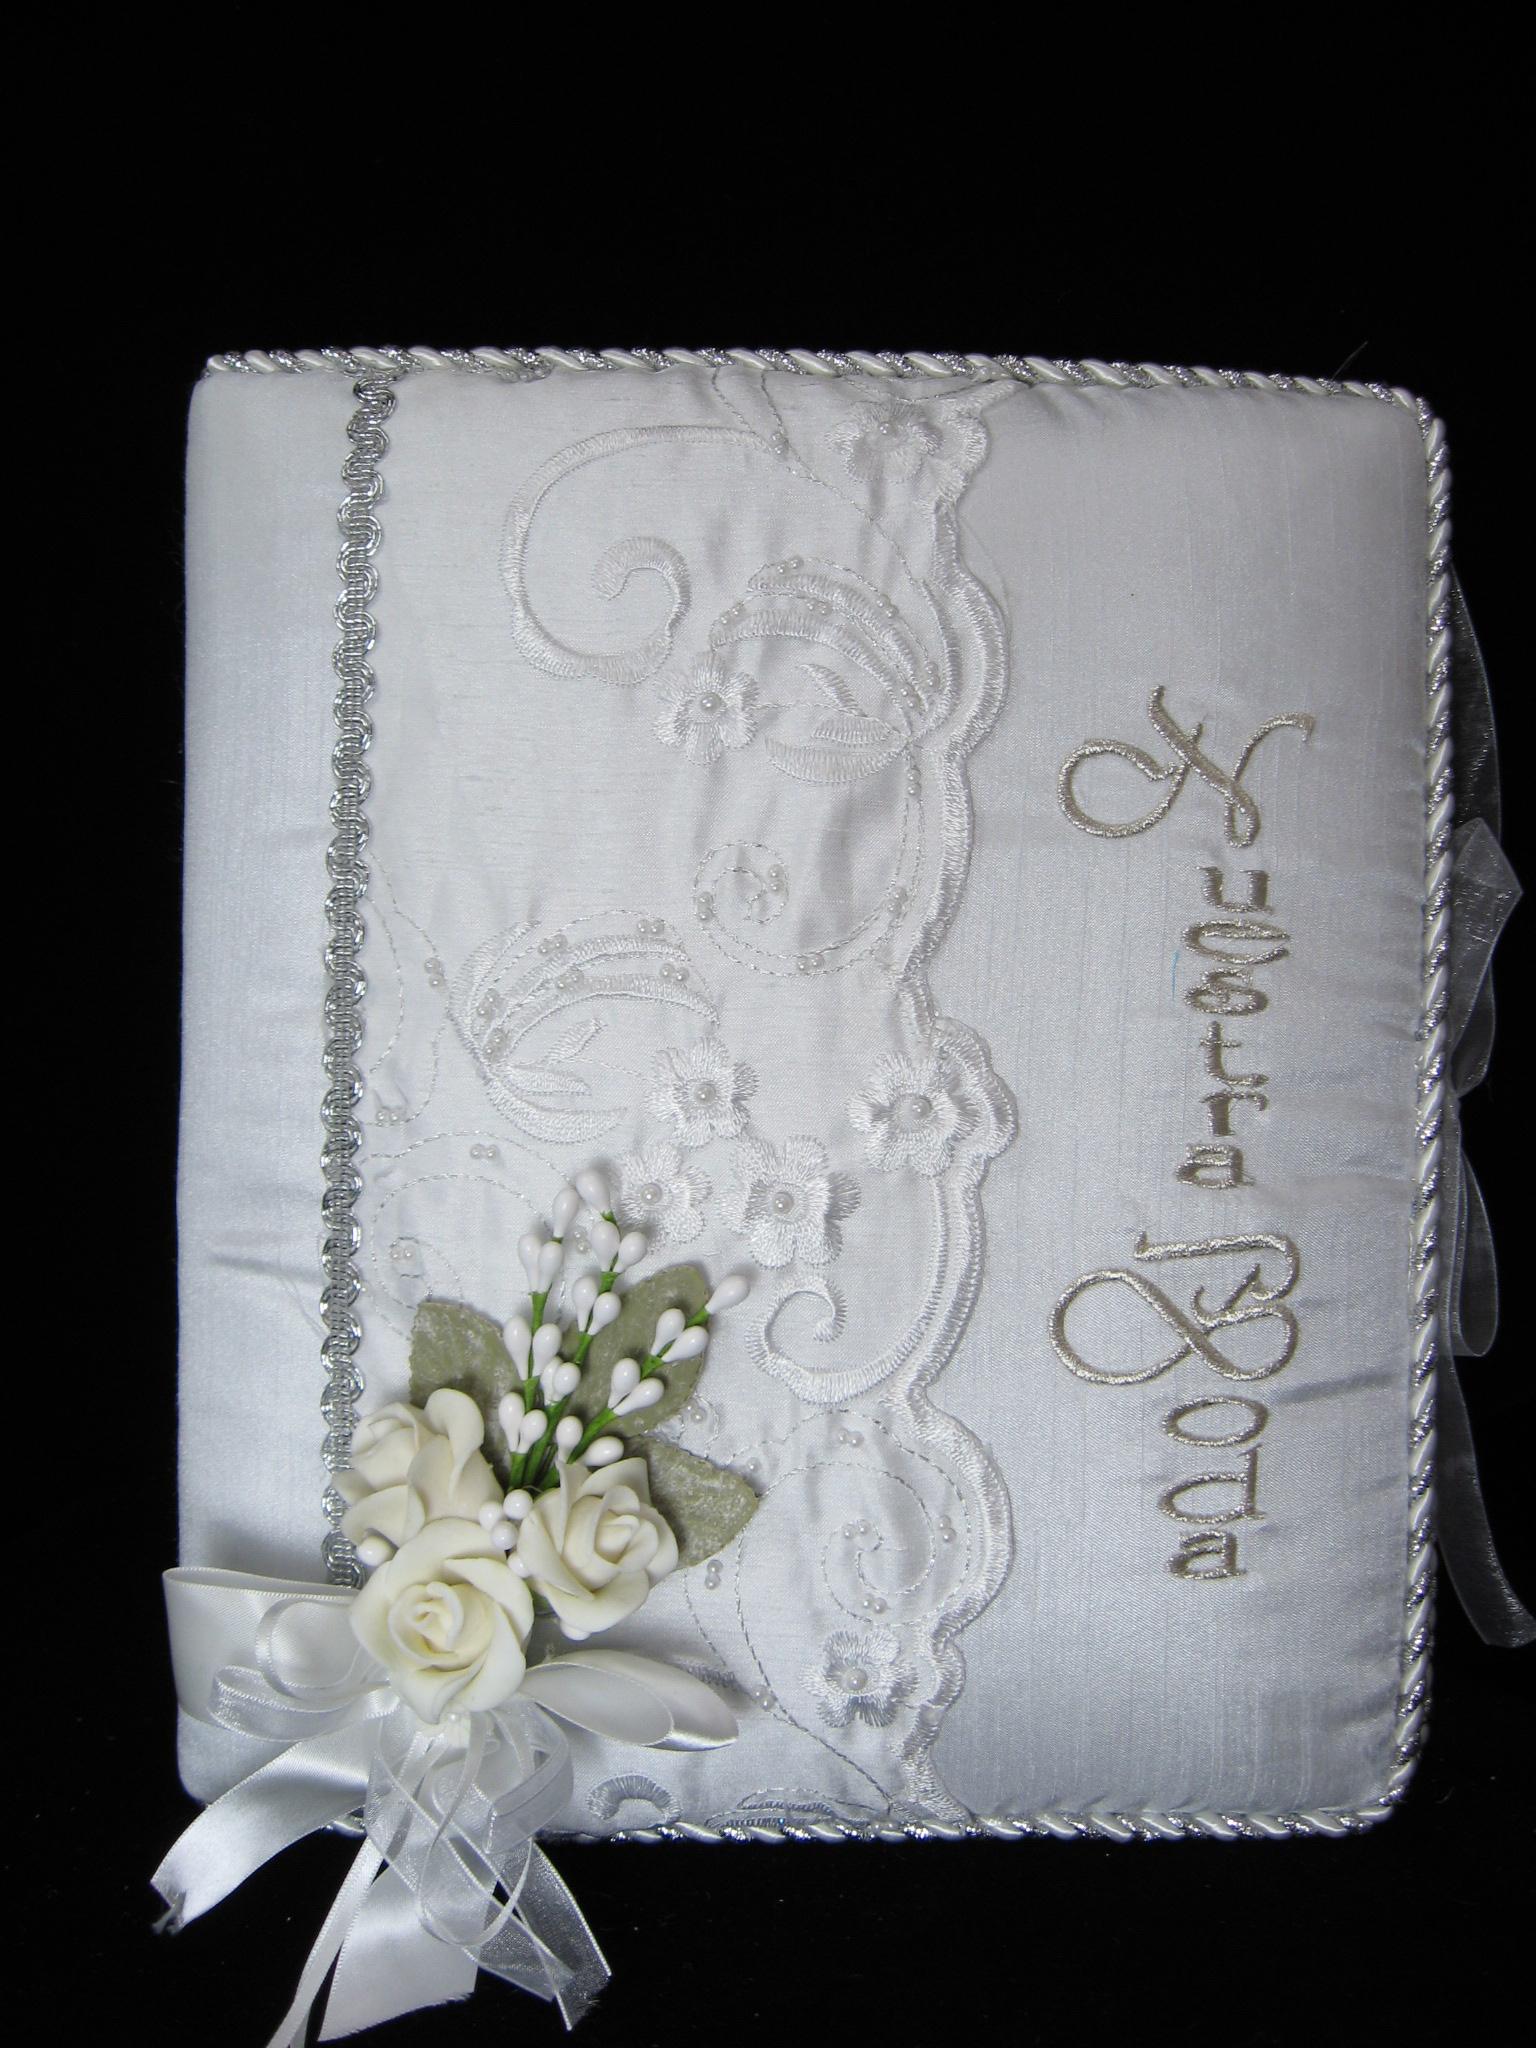 Albums de fotos y firmas para boda y quincea eras 15 a os for Decoracion de album de fotos